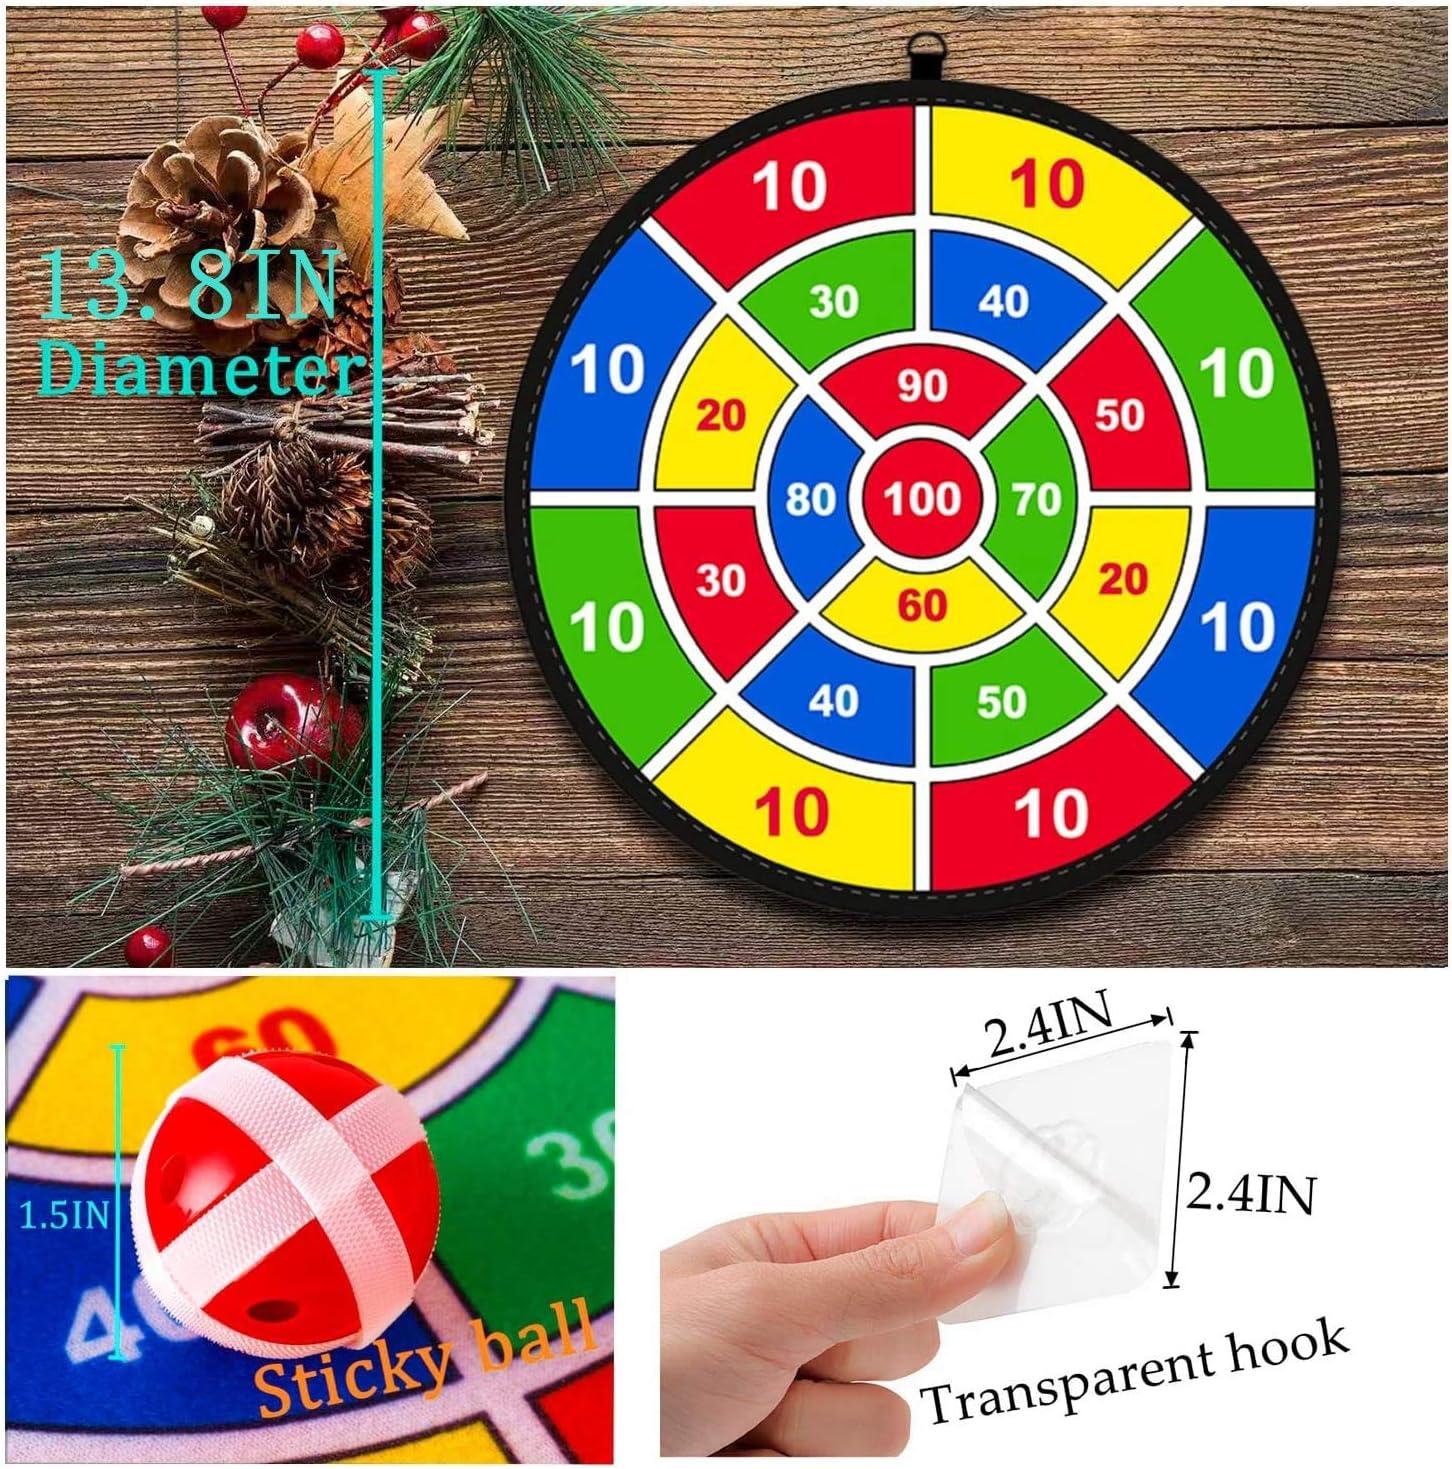 Juego para niños Lbsel Dart Board con 8 bolas Juegos de mesa para niños Toy-Safe Dart Game-regalo para niños elección de juego interior al aire libre-13.8 Inches (35cm): Amazon.es: Deportes y aire